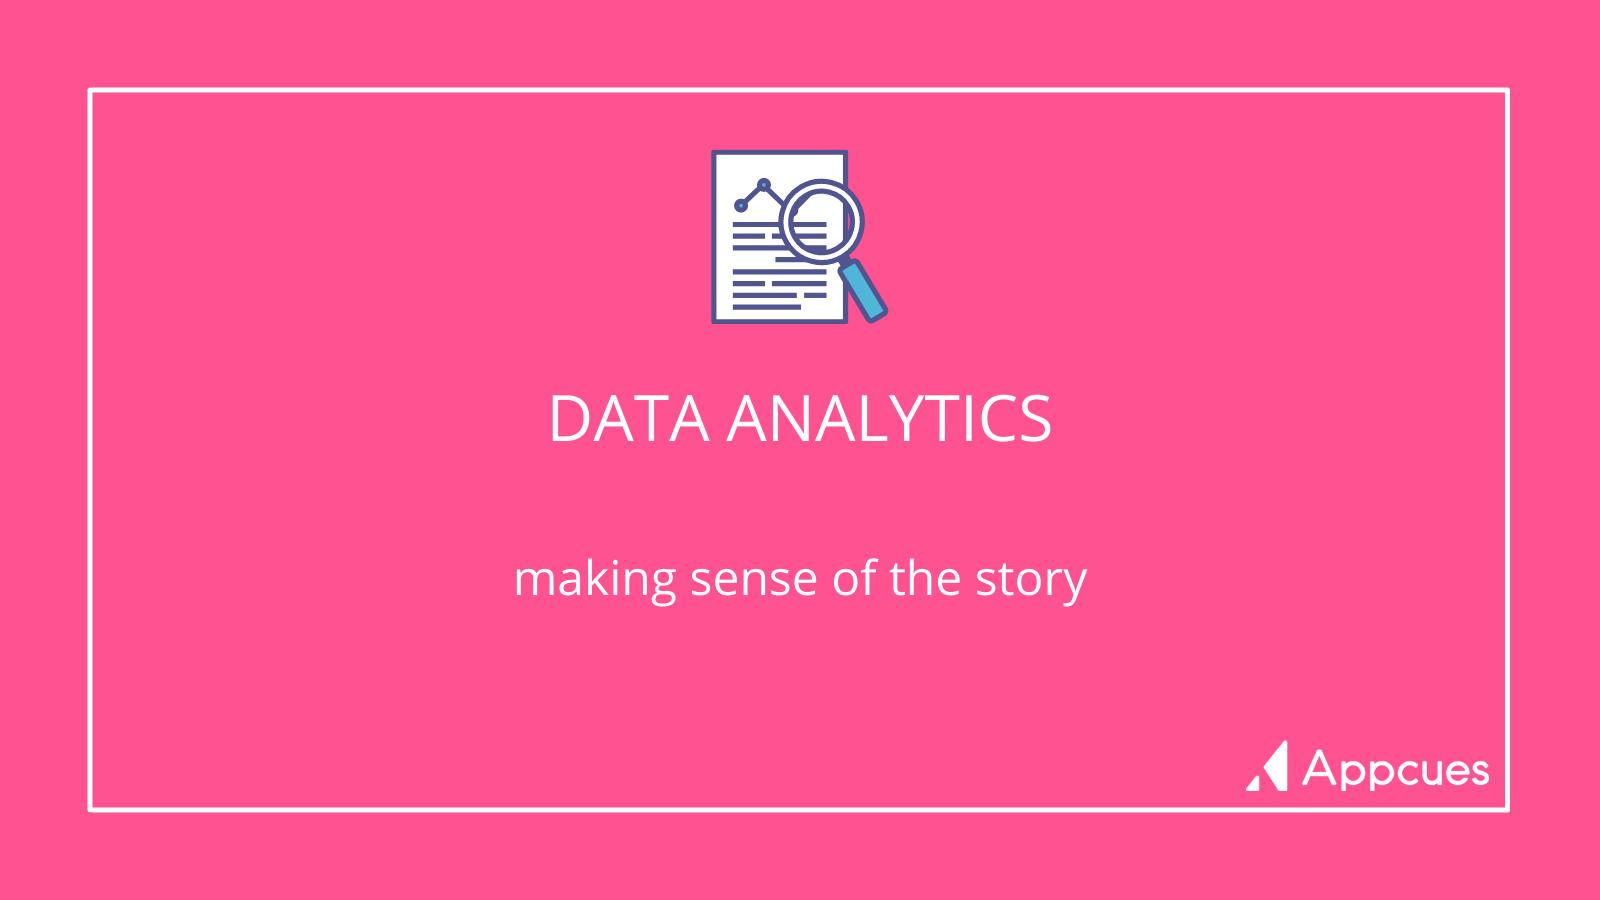 Data Analytics: making sense of the story